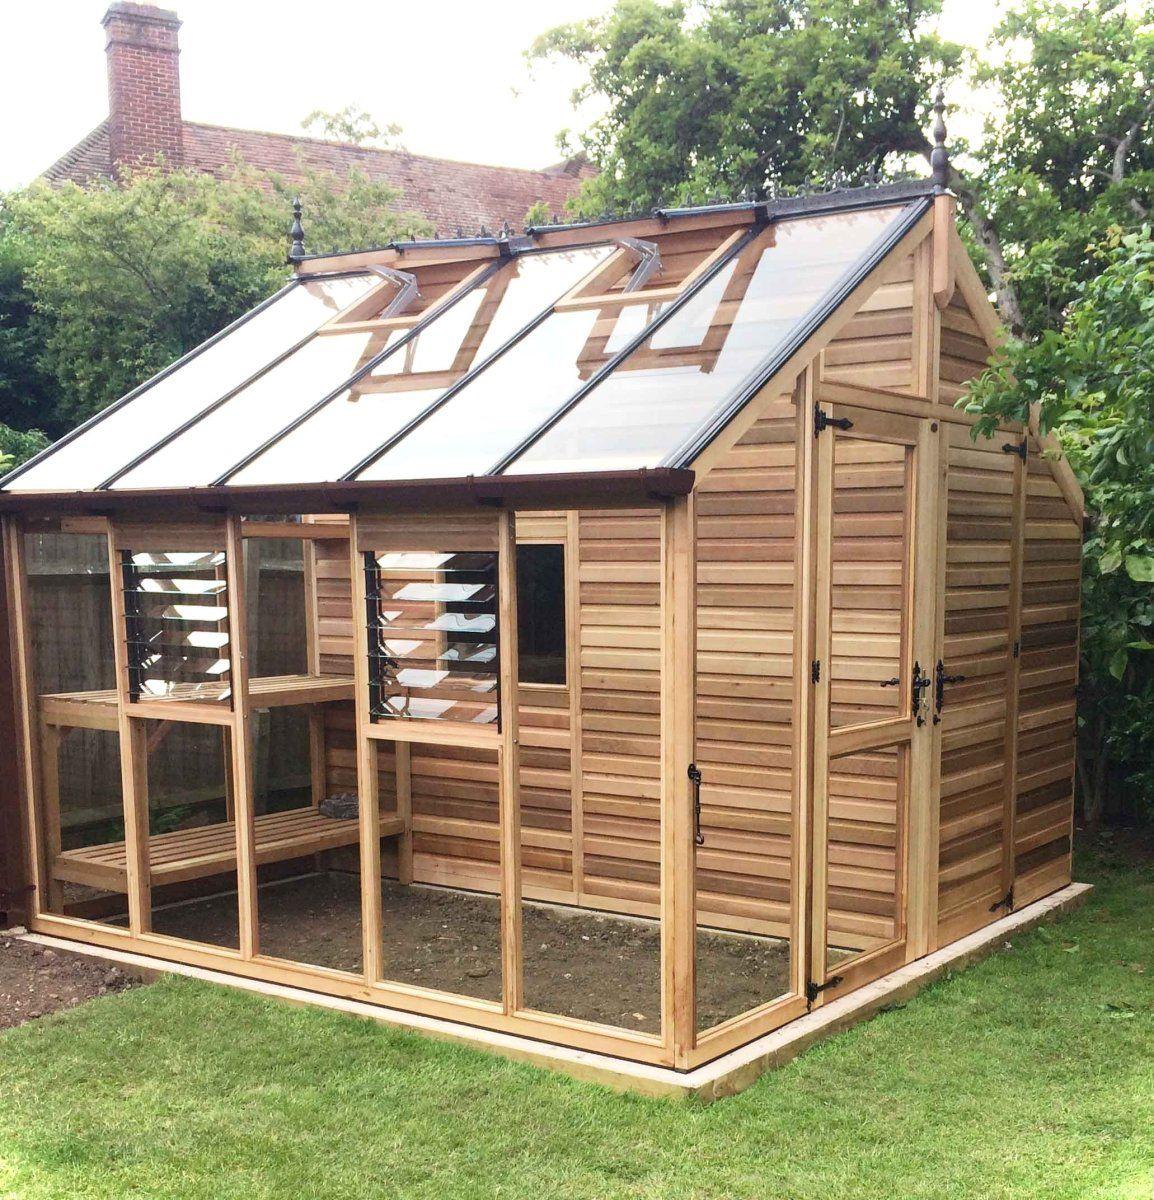 строительство деревянных теплиц